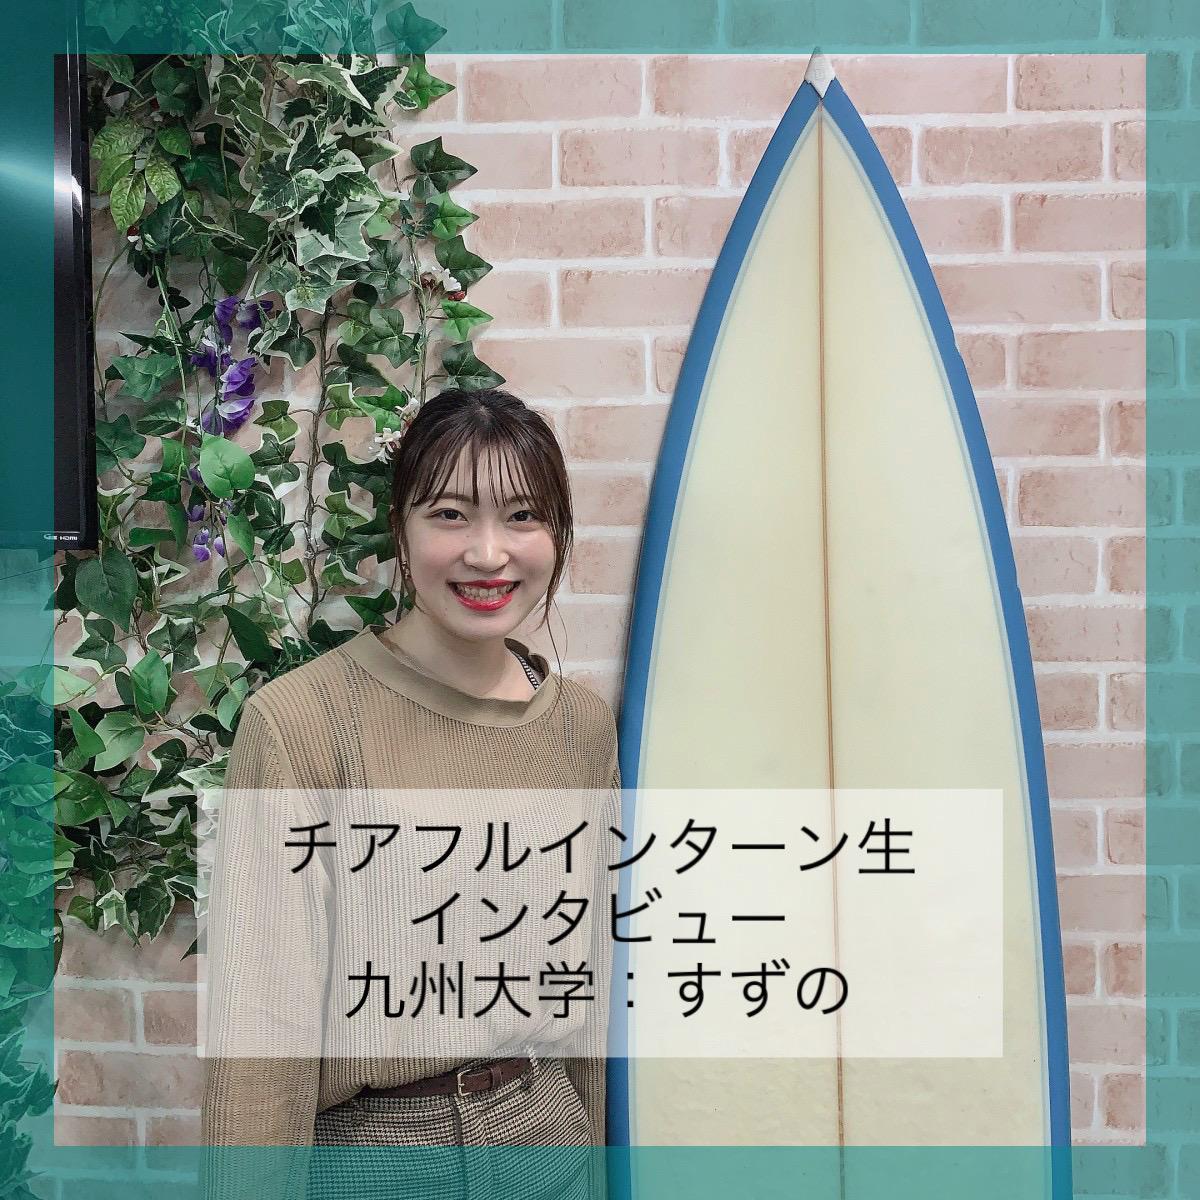 【福岡21卒:九州大学】何か新しいことを始めたい、頑張って見たいと思い入会しました